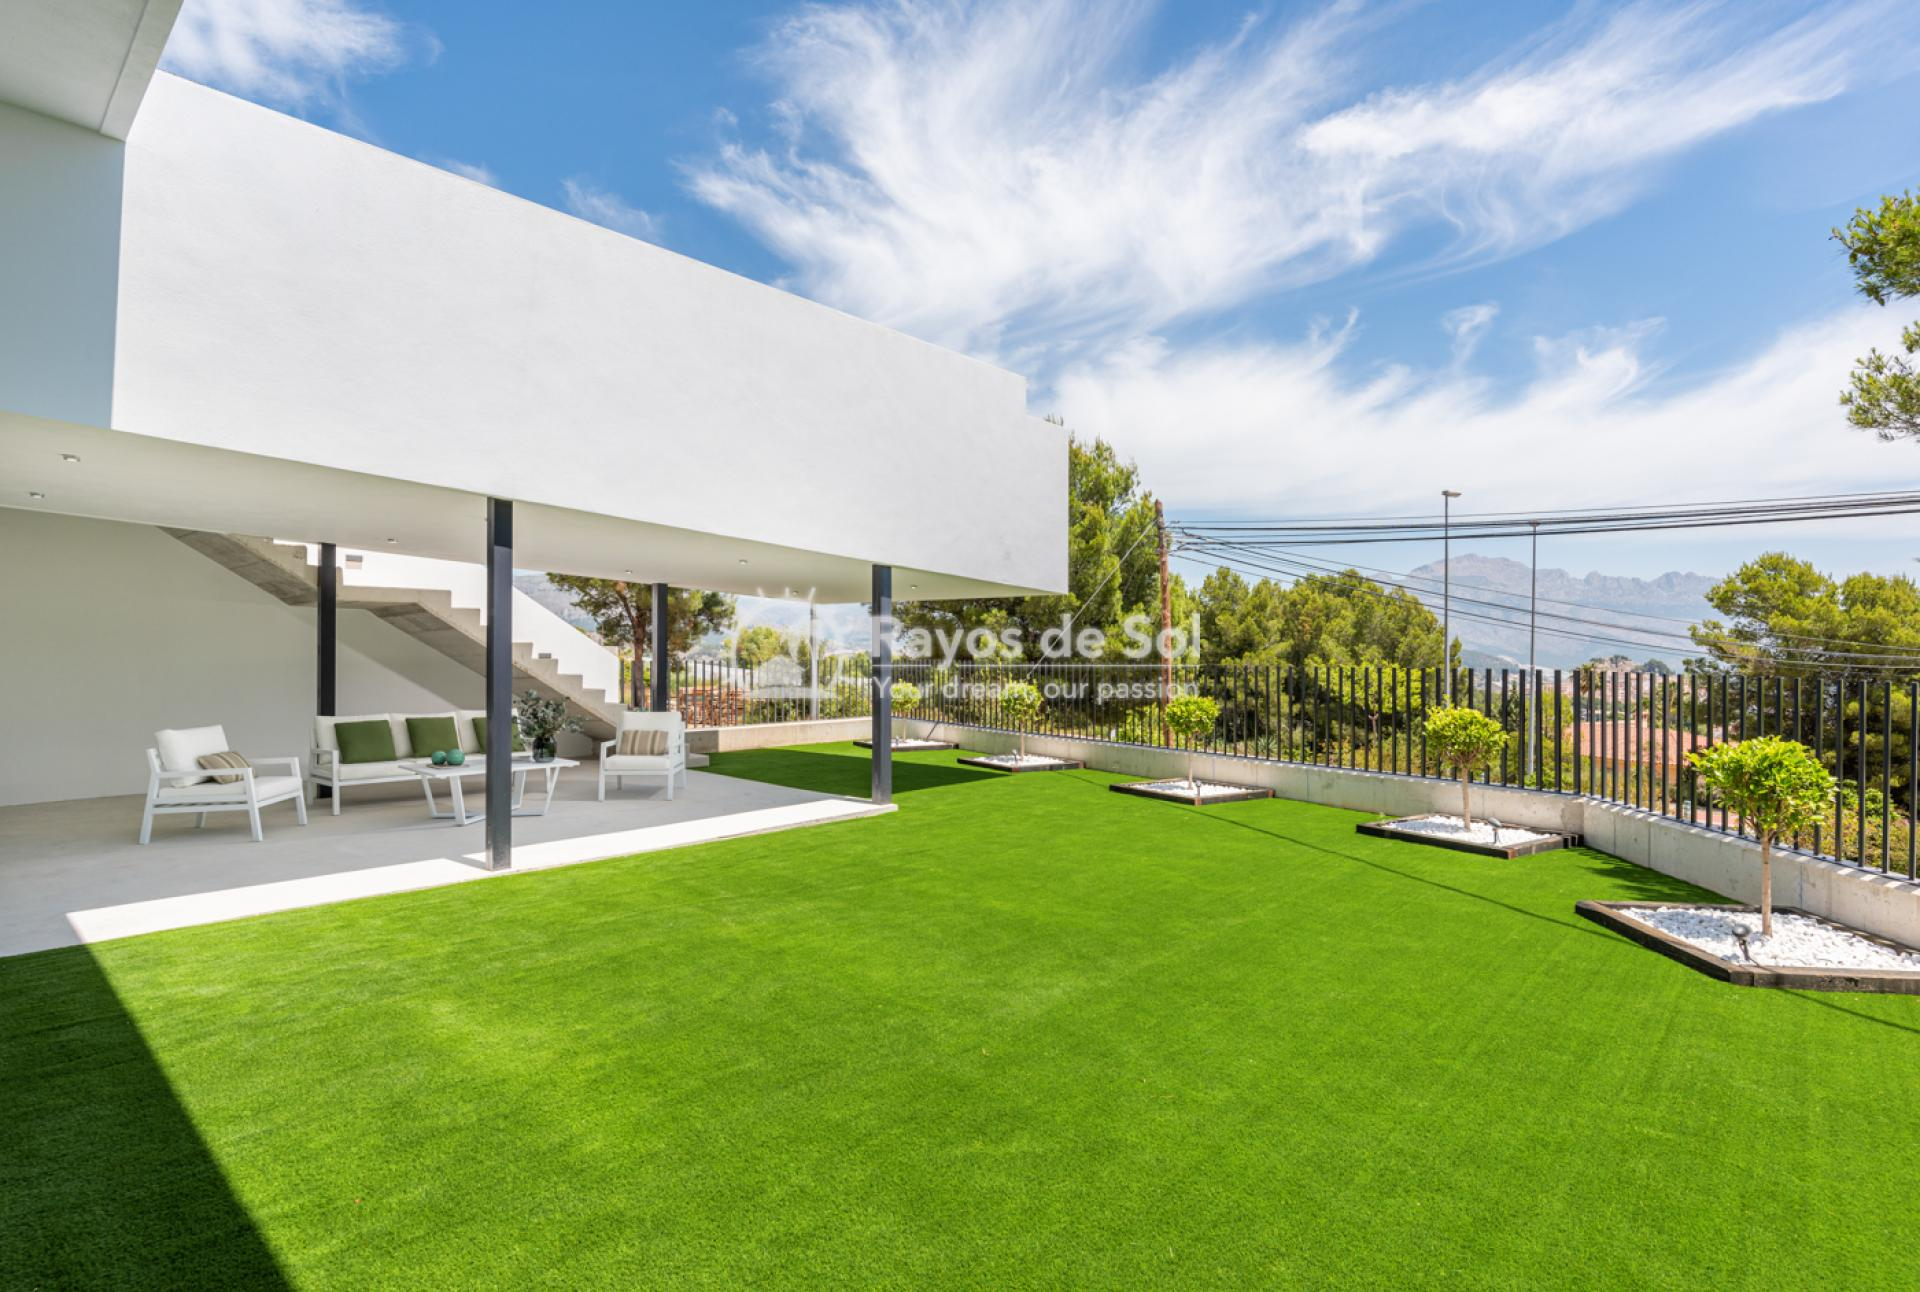 Villa  in Polop, Costa Blanca (venecia3-julieta) - 55